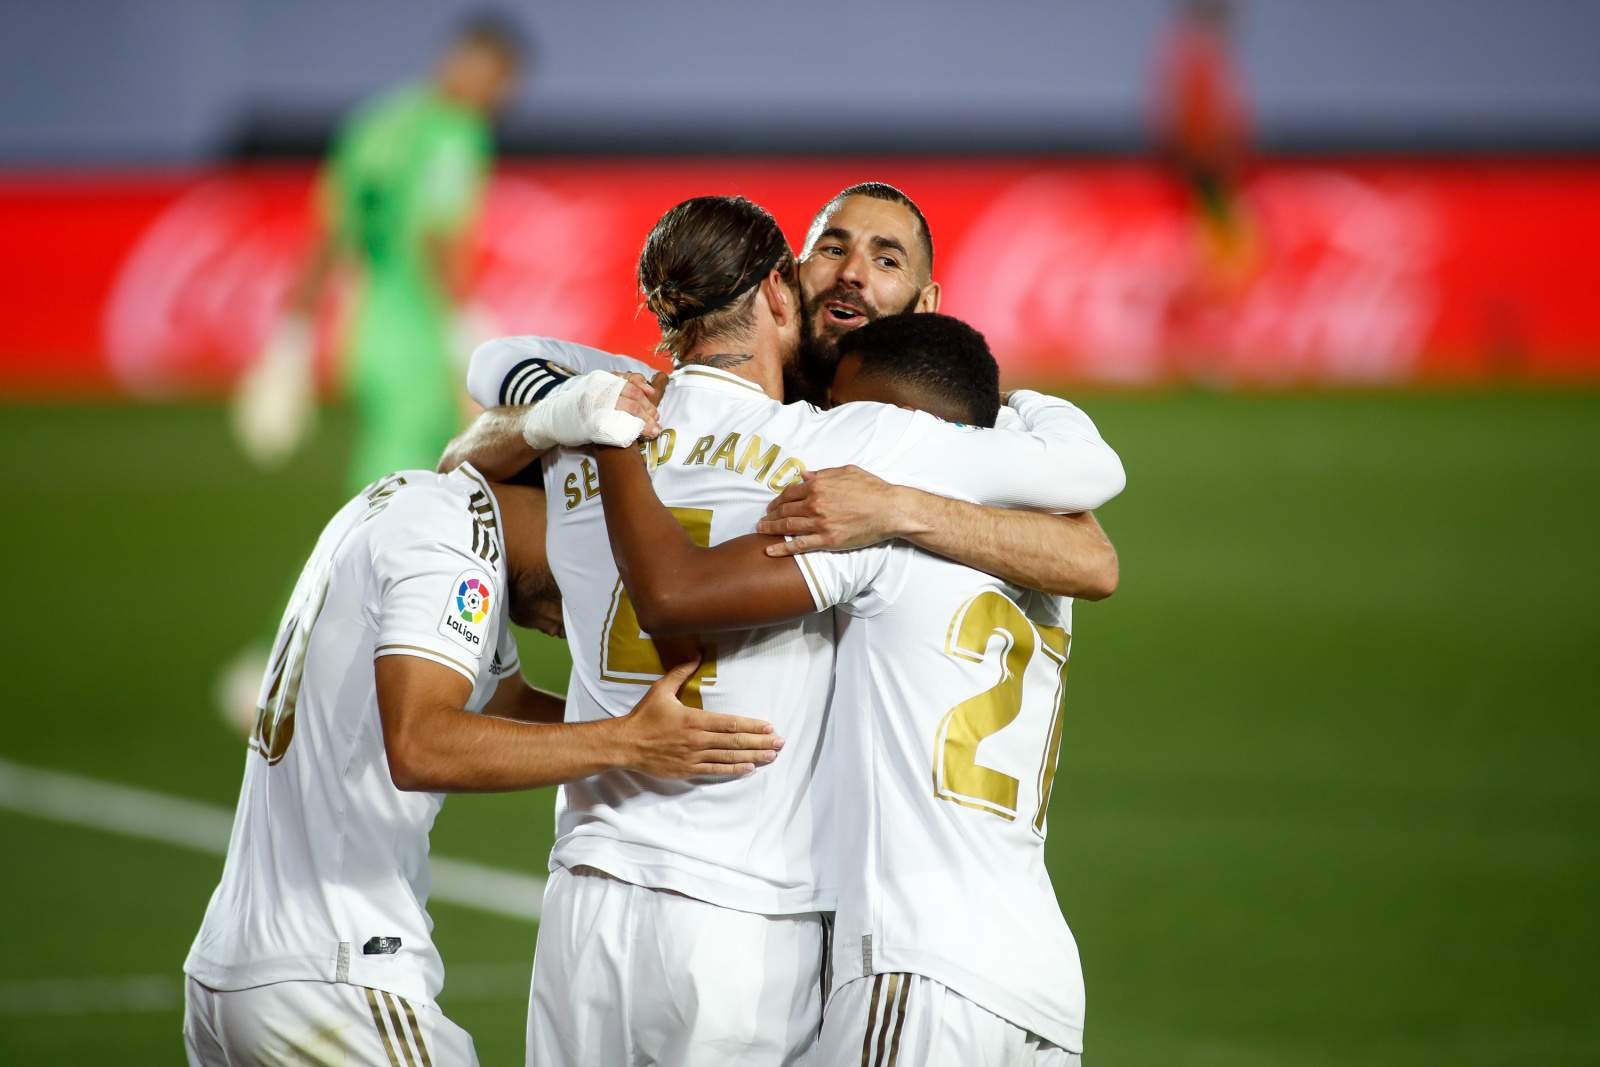 «Реал» - «Эльче» - 2:1 (завершён)